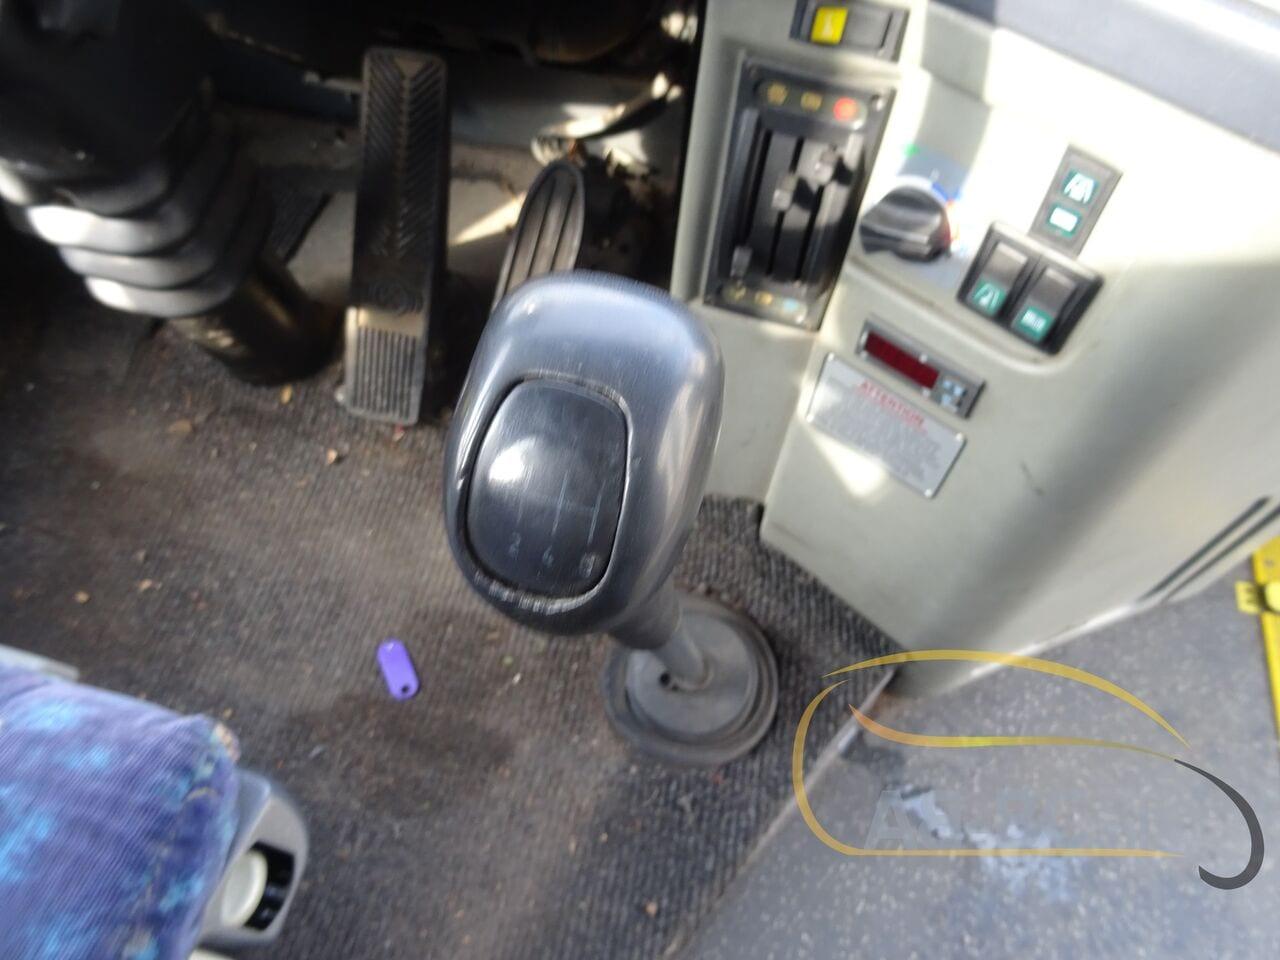 coach-busTEMSA-Safari-RD-65-Seats---1620311854449833830_big_c6bbe58aafd49ec9703688cf6a35d0cd--21050617272795316700